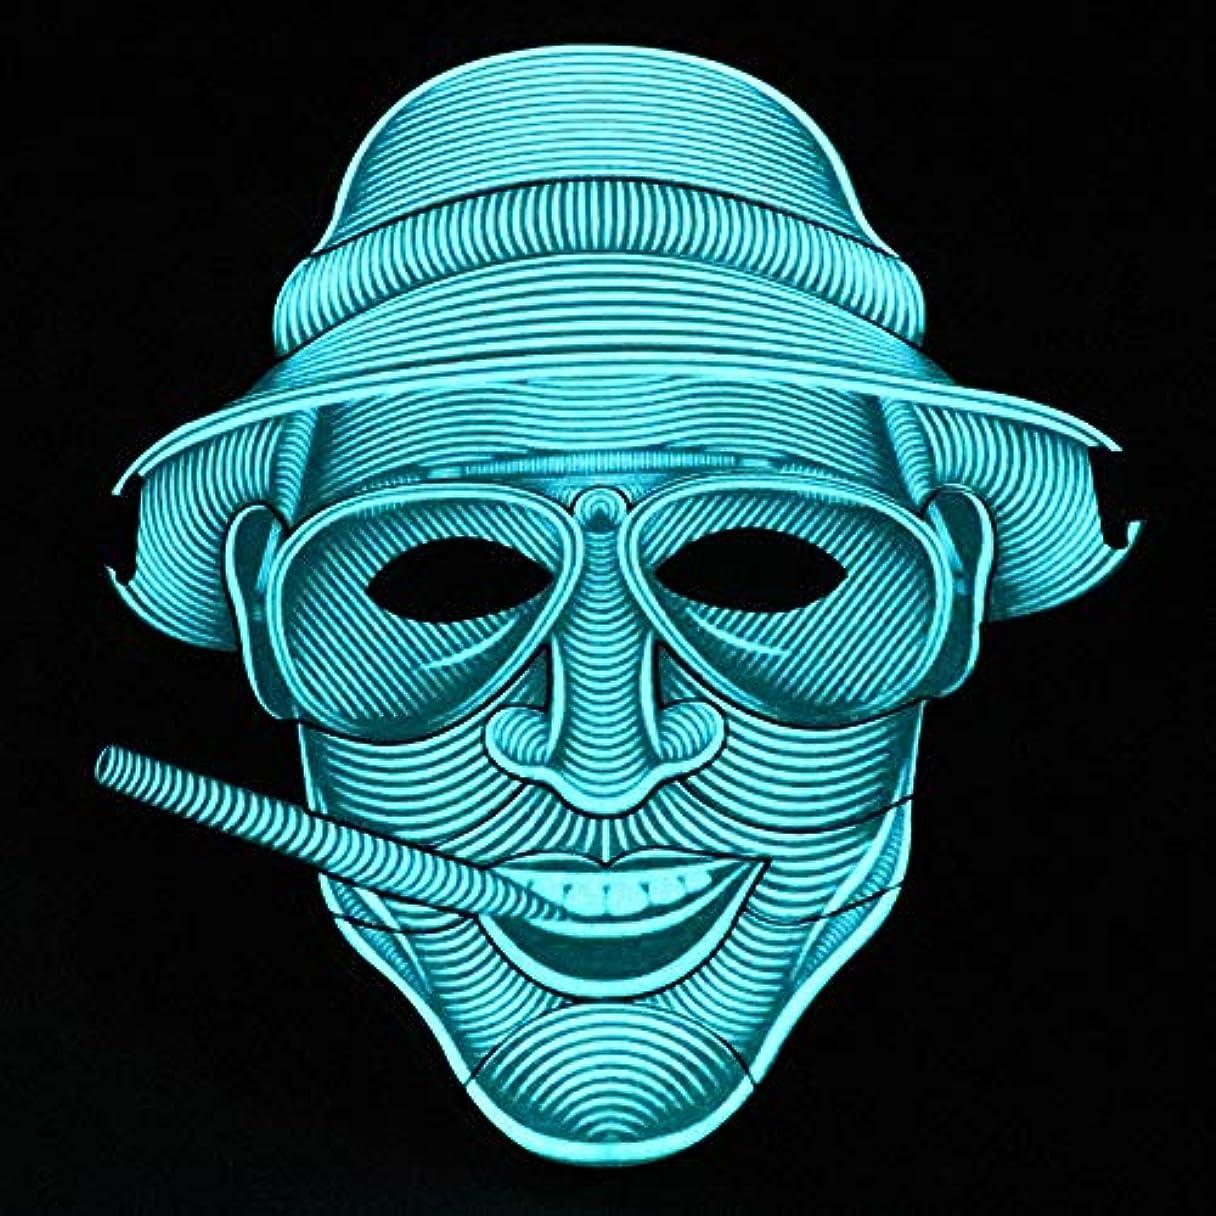 認証落ち込んでいる興奮する照らされたマスクLED創造的な冷光音響制御マスクハロウィンバーフェスティバルダンスマスク (Color : #3)